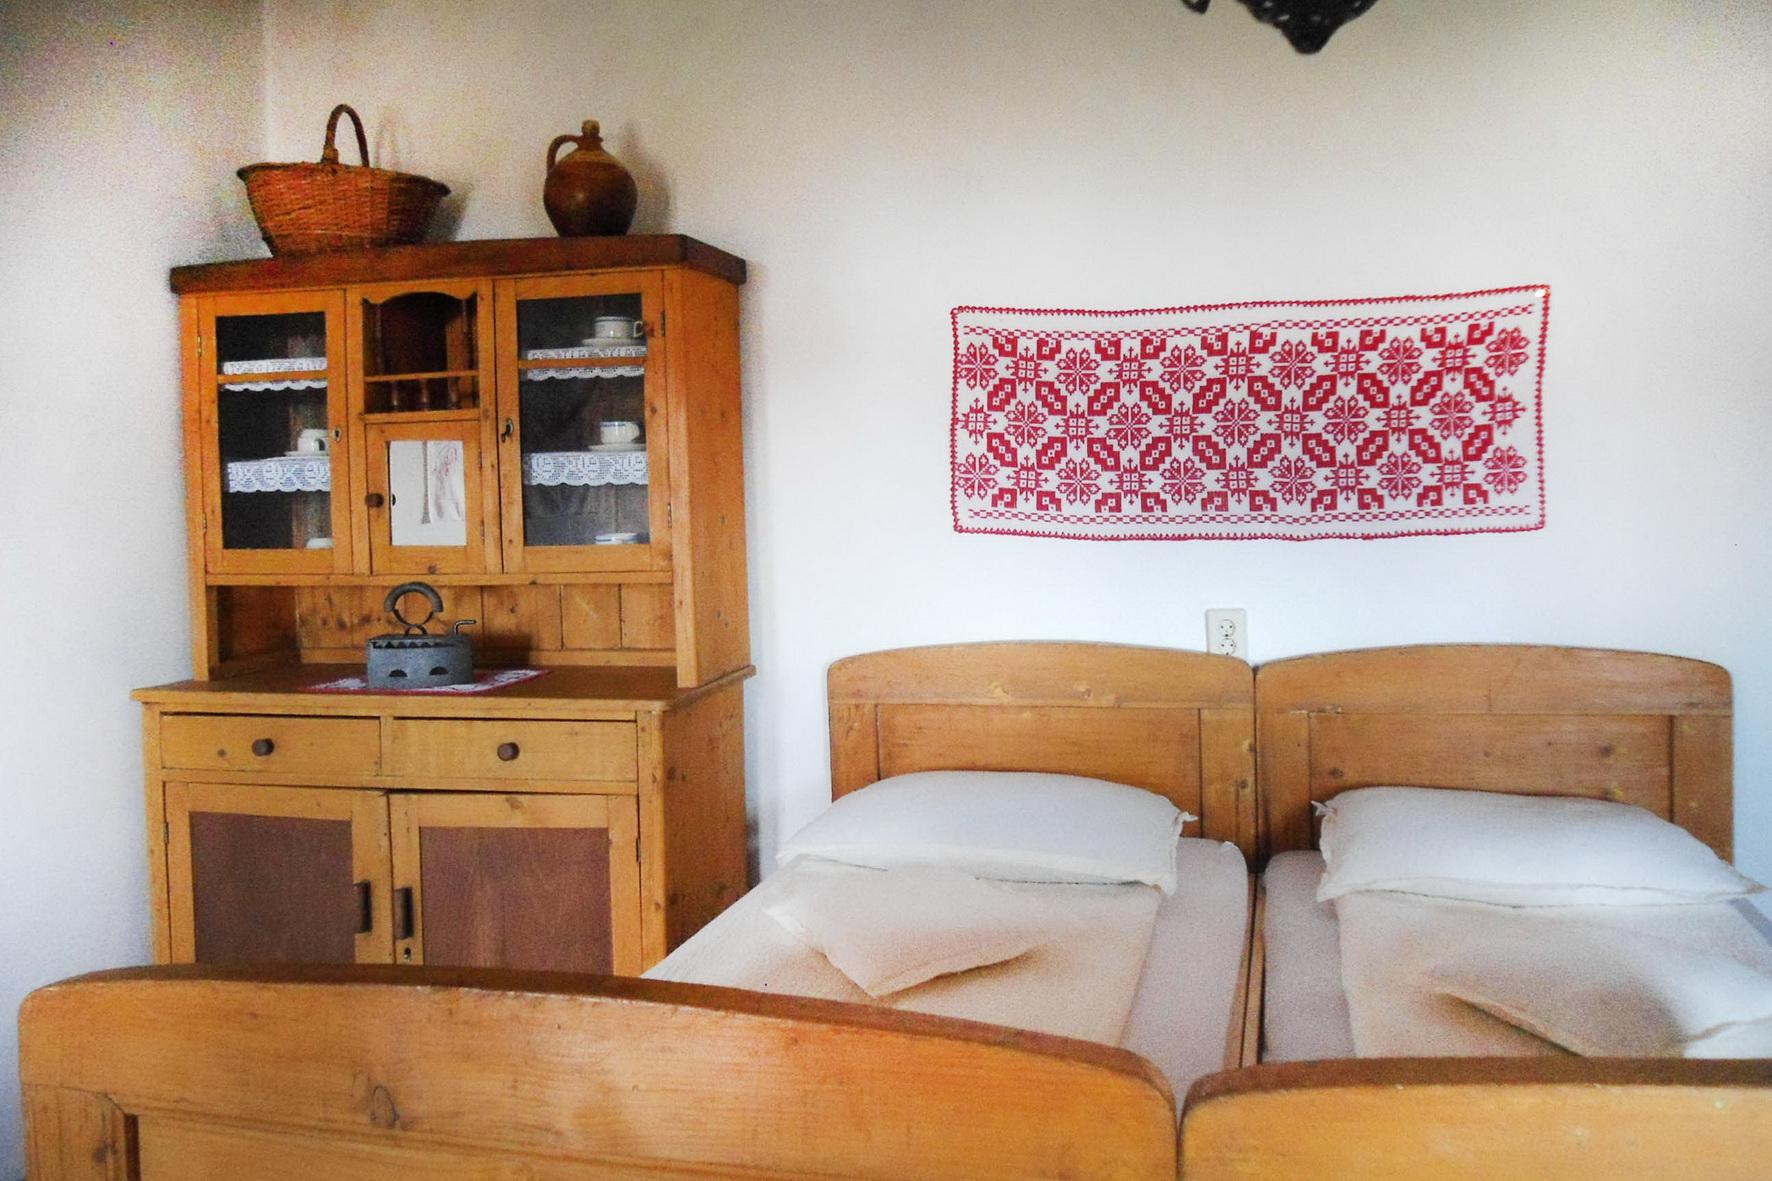 jodos-szoba-belulrol